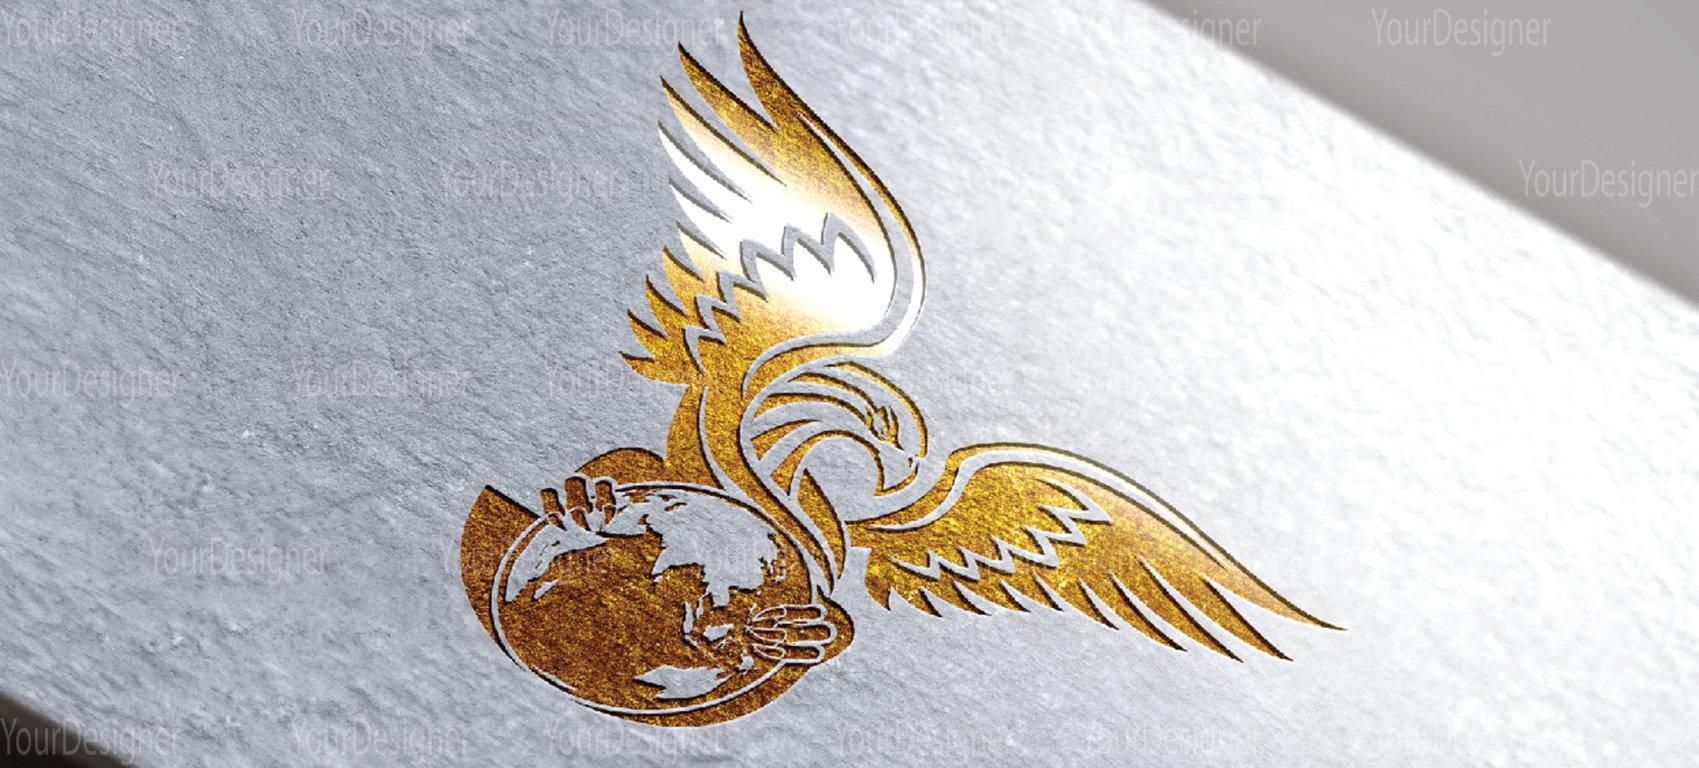 thiet ke logo gia re hcm